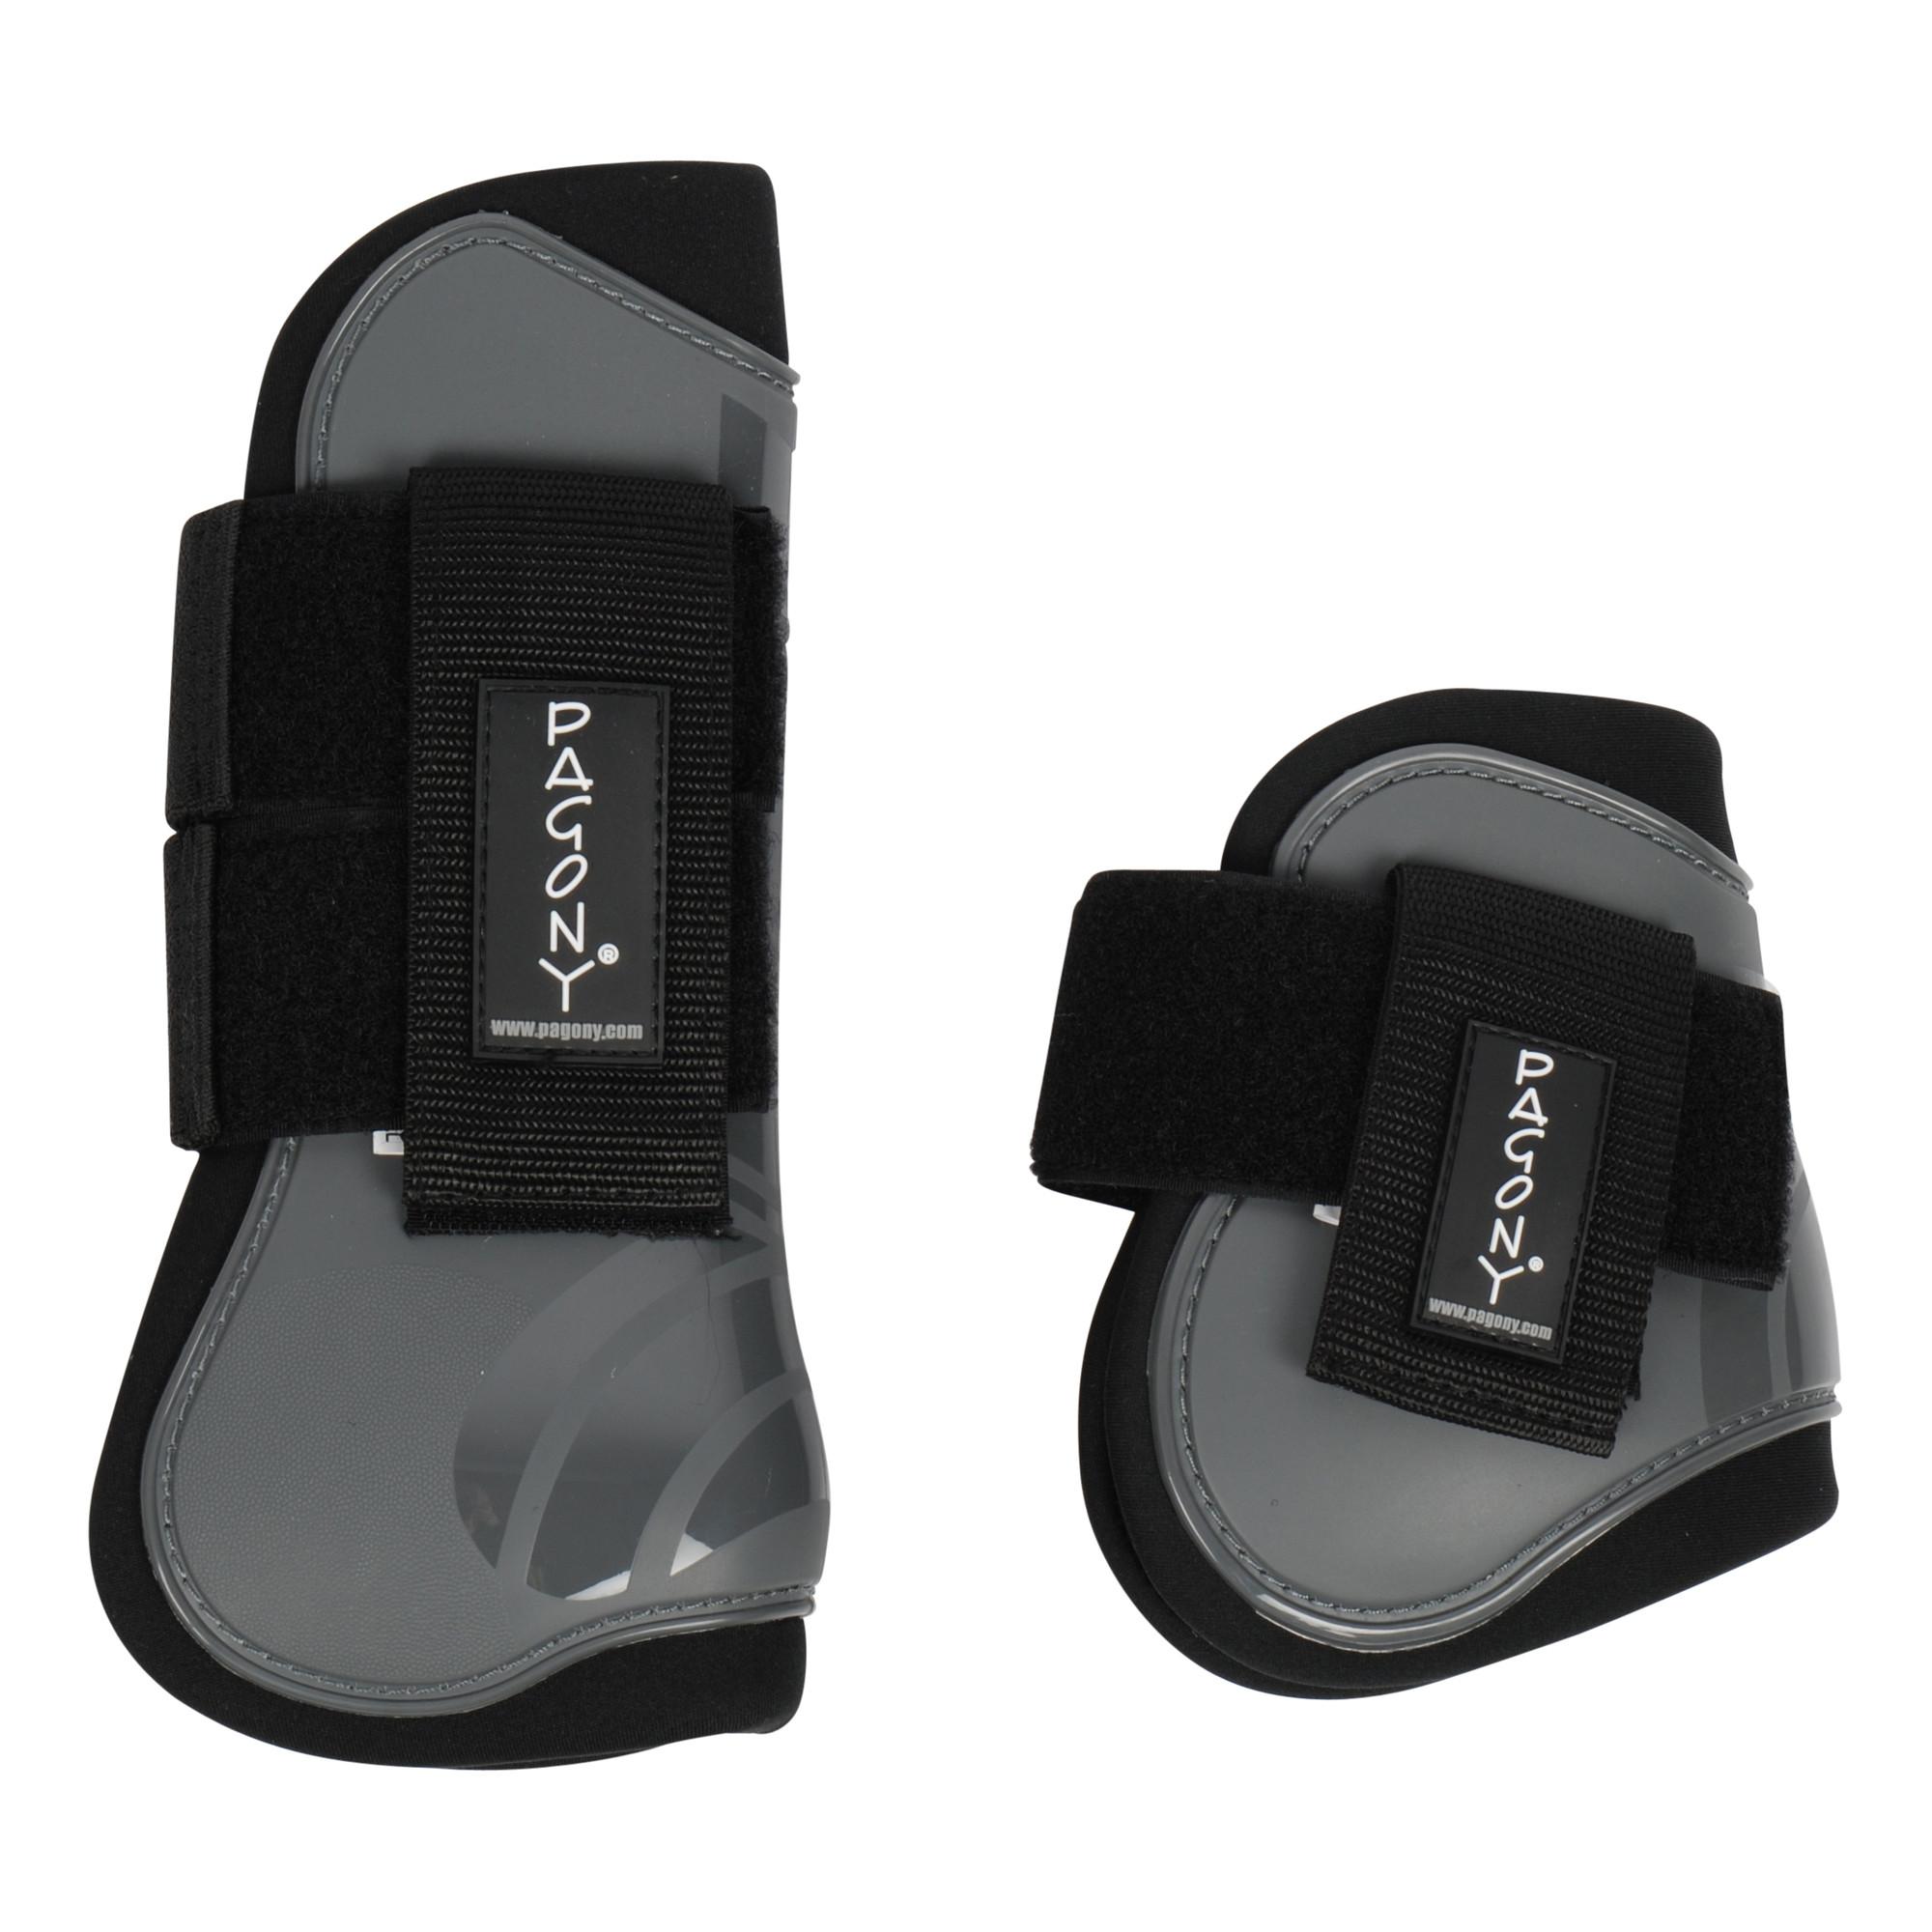 Pagony Pro Velcro Pees- en kogelbeschermerset grijs maat:full